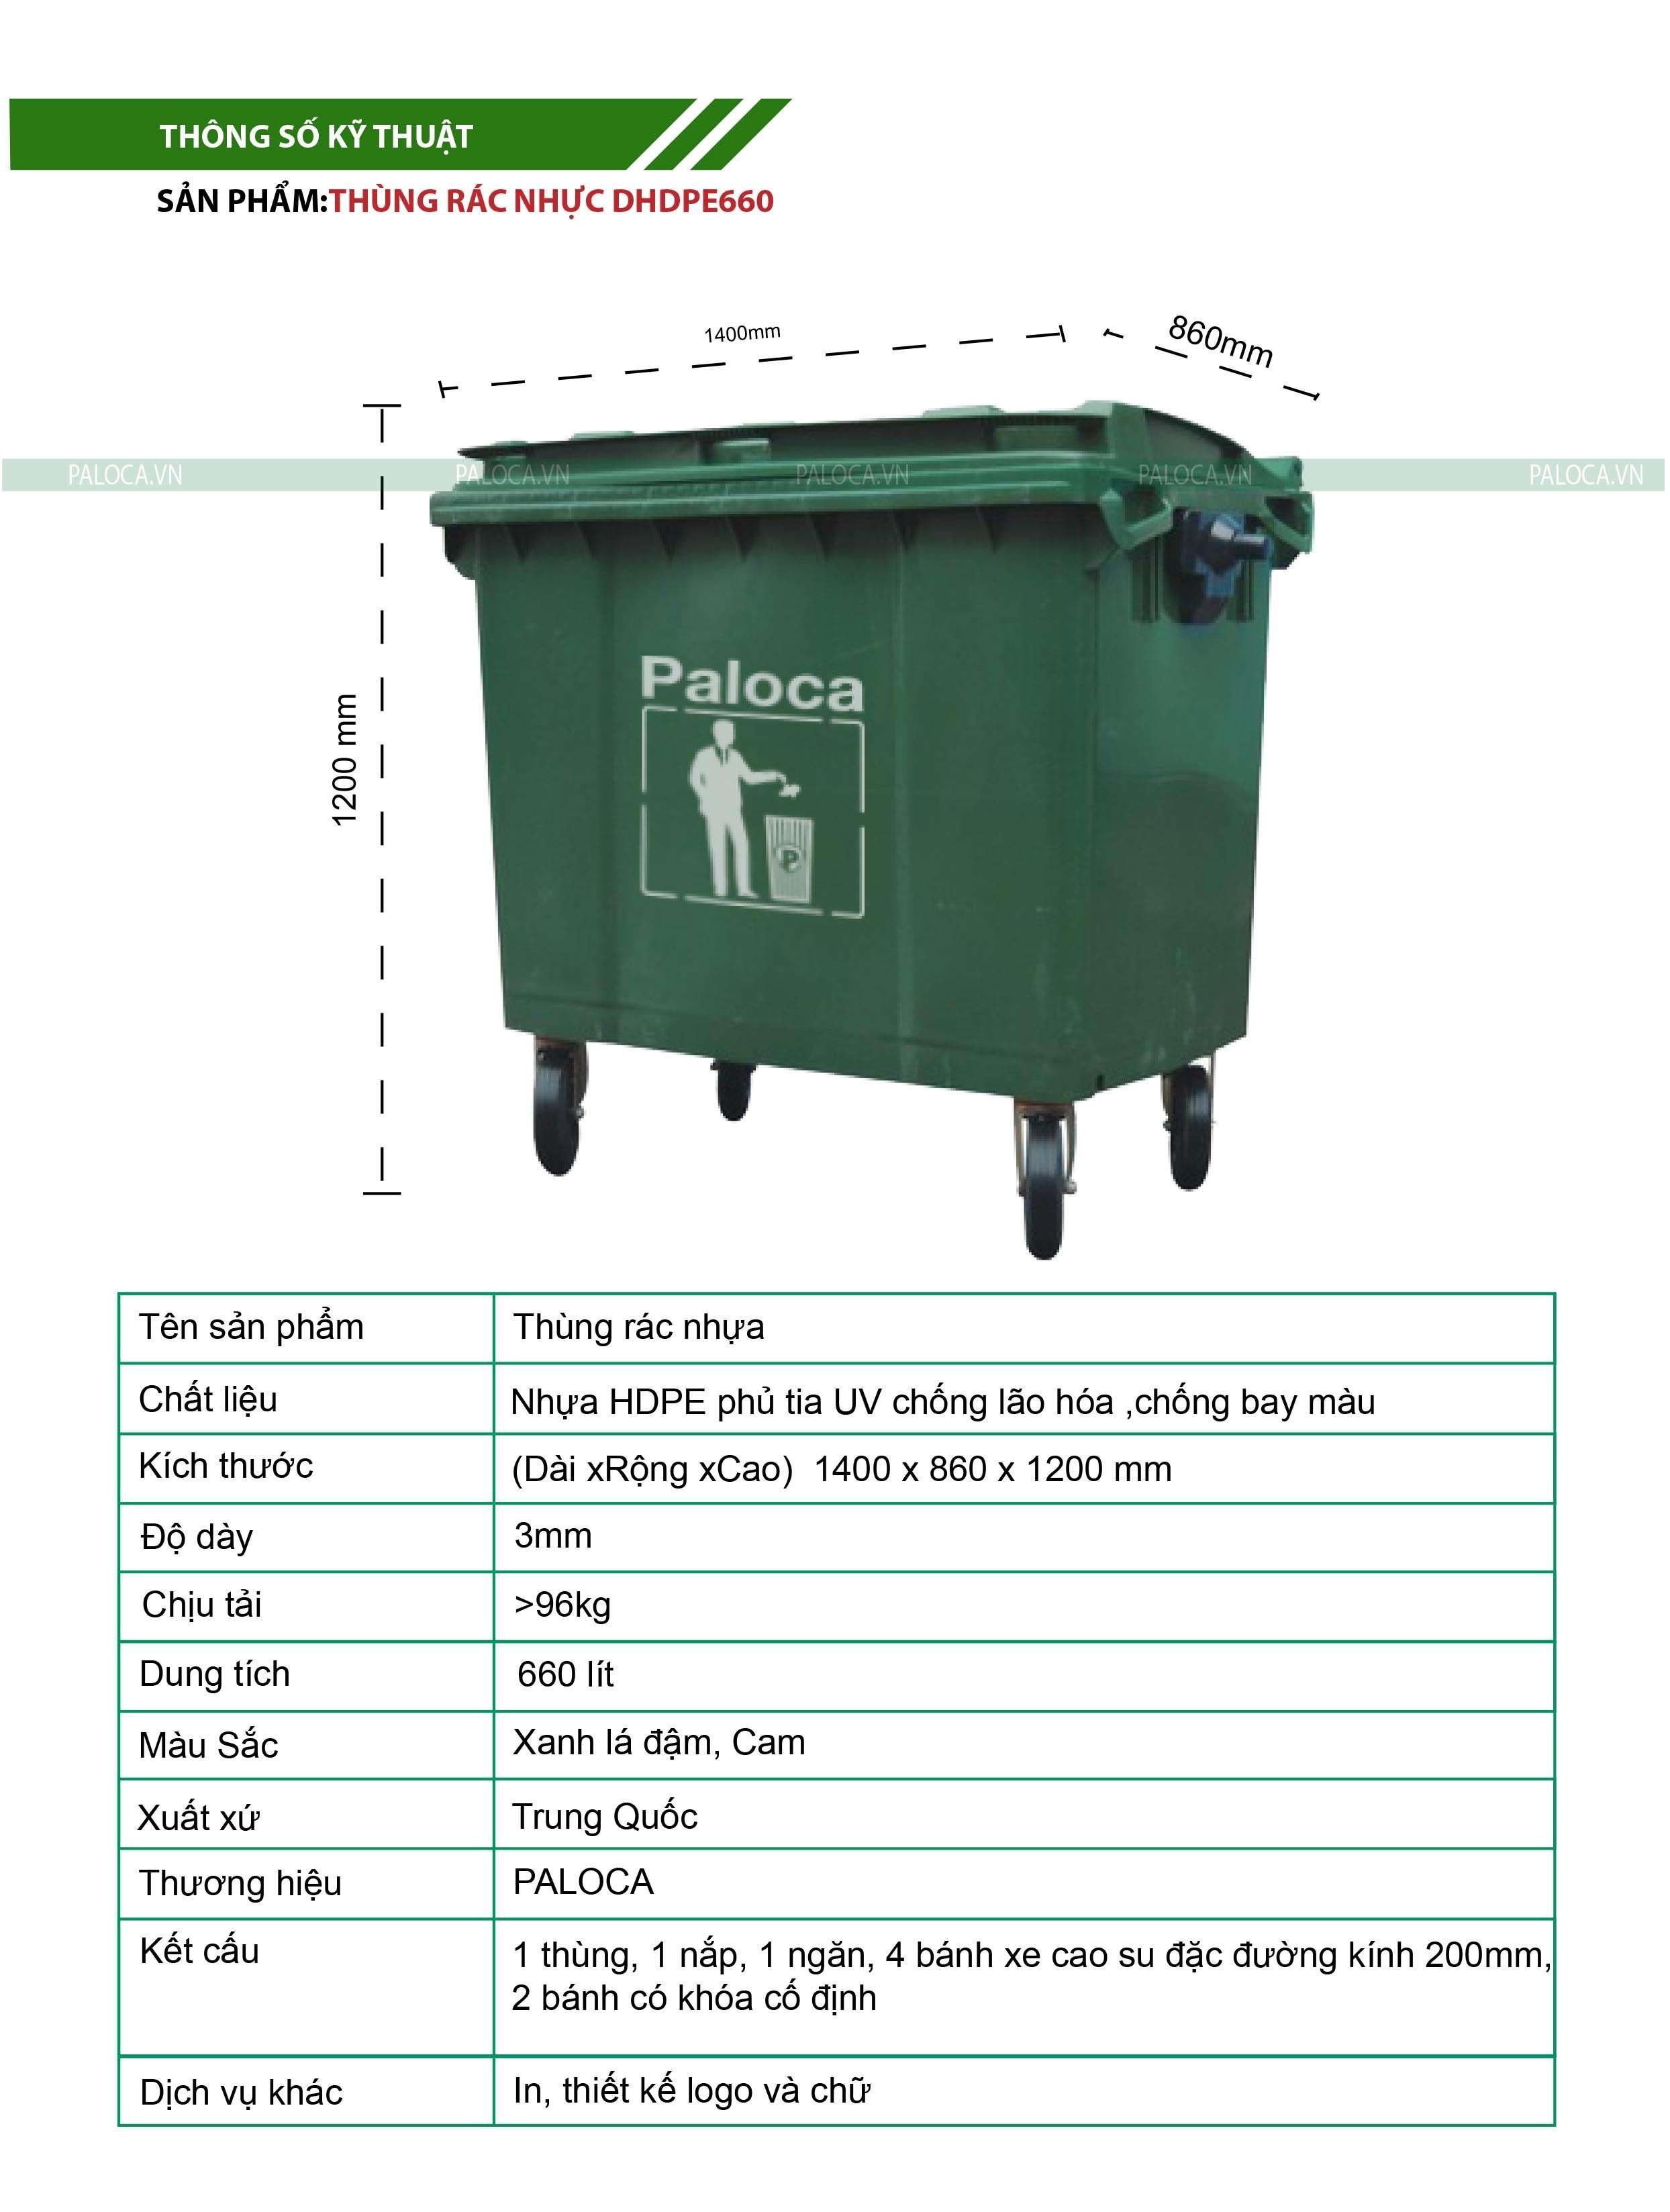 Thùng rác nhựa 660 lít thương hiệu Paloca